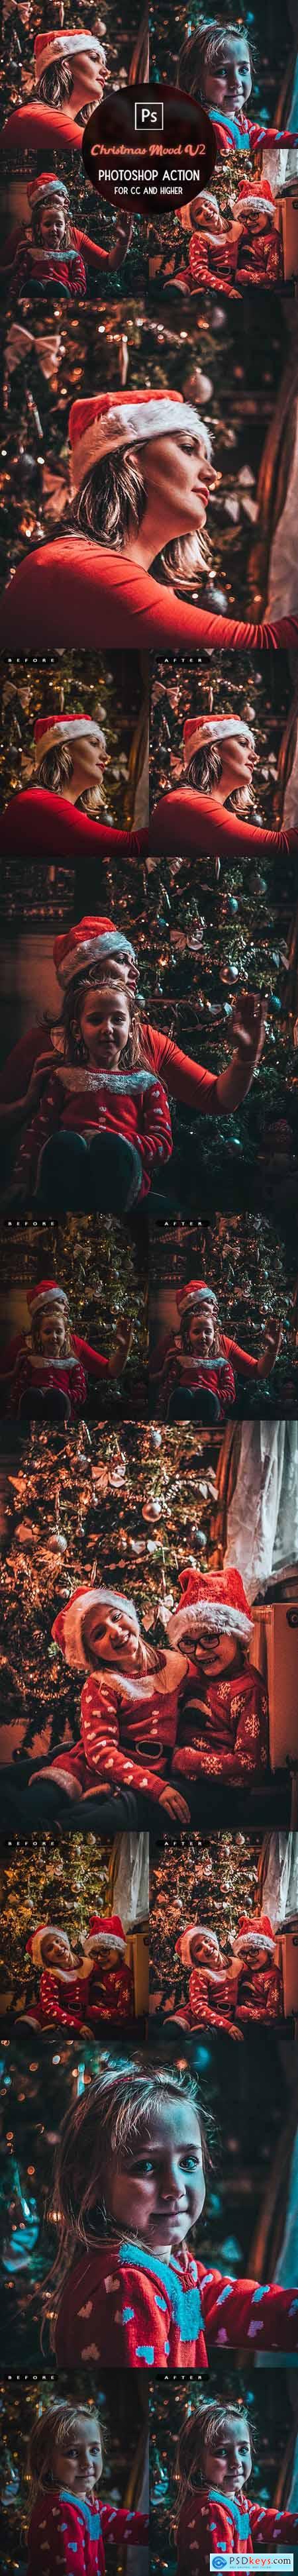 Christmas Mood V2 - Photoshop Action 29732703